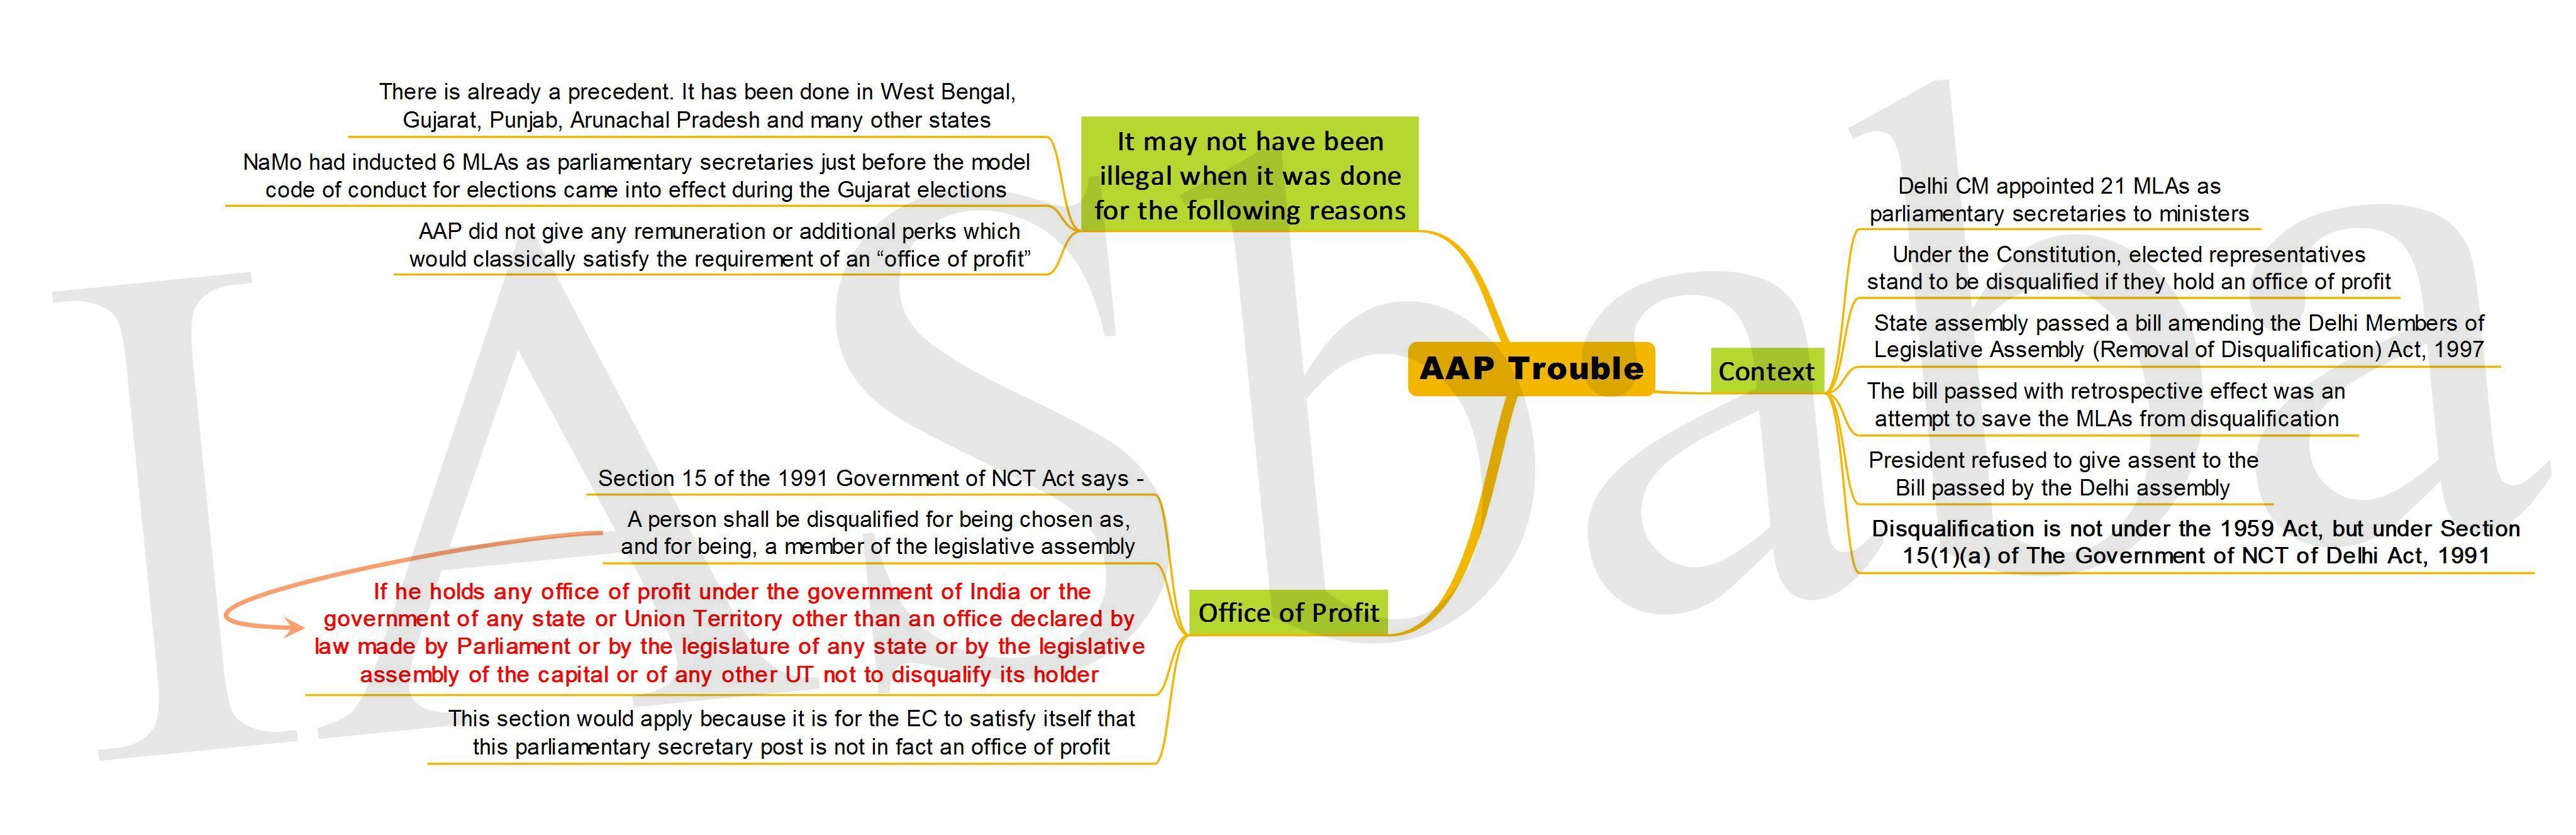 AAP Trouble-IASbaba